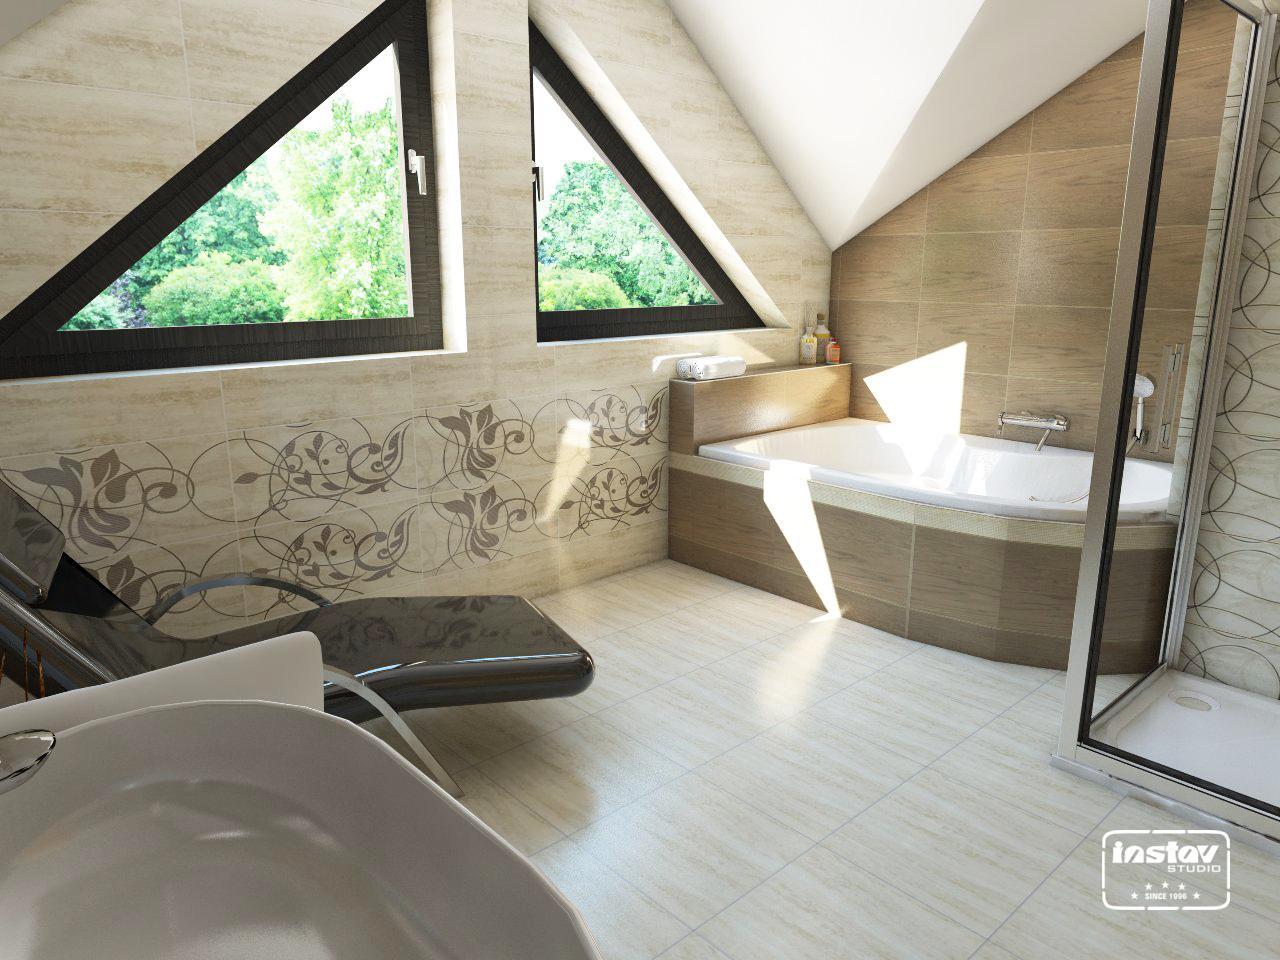 Vizualizácie kúpeľní - Vizualizácia kúpeľne - Amiche